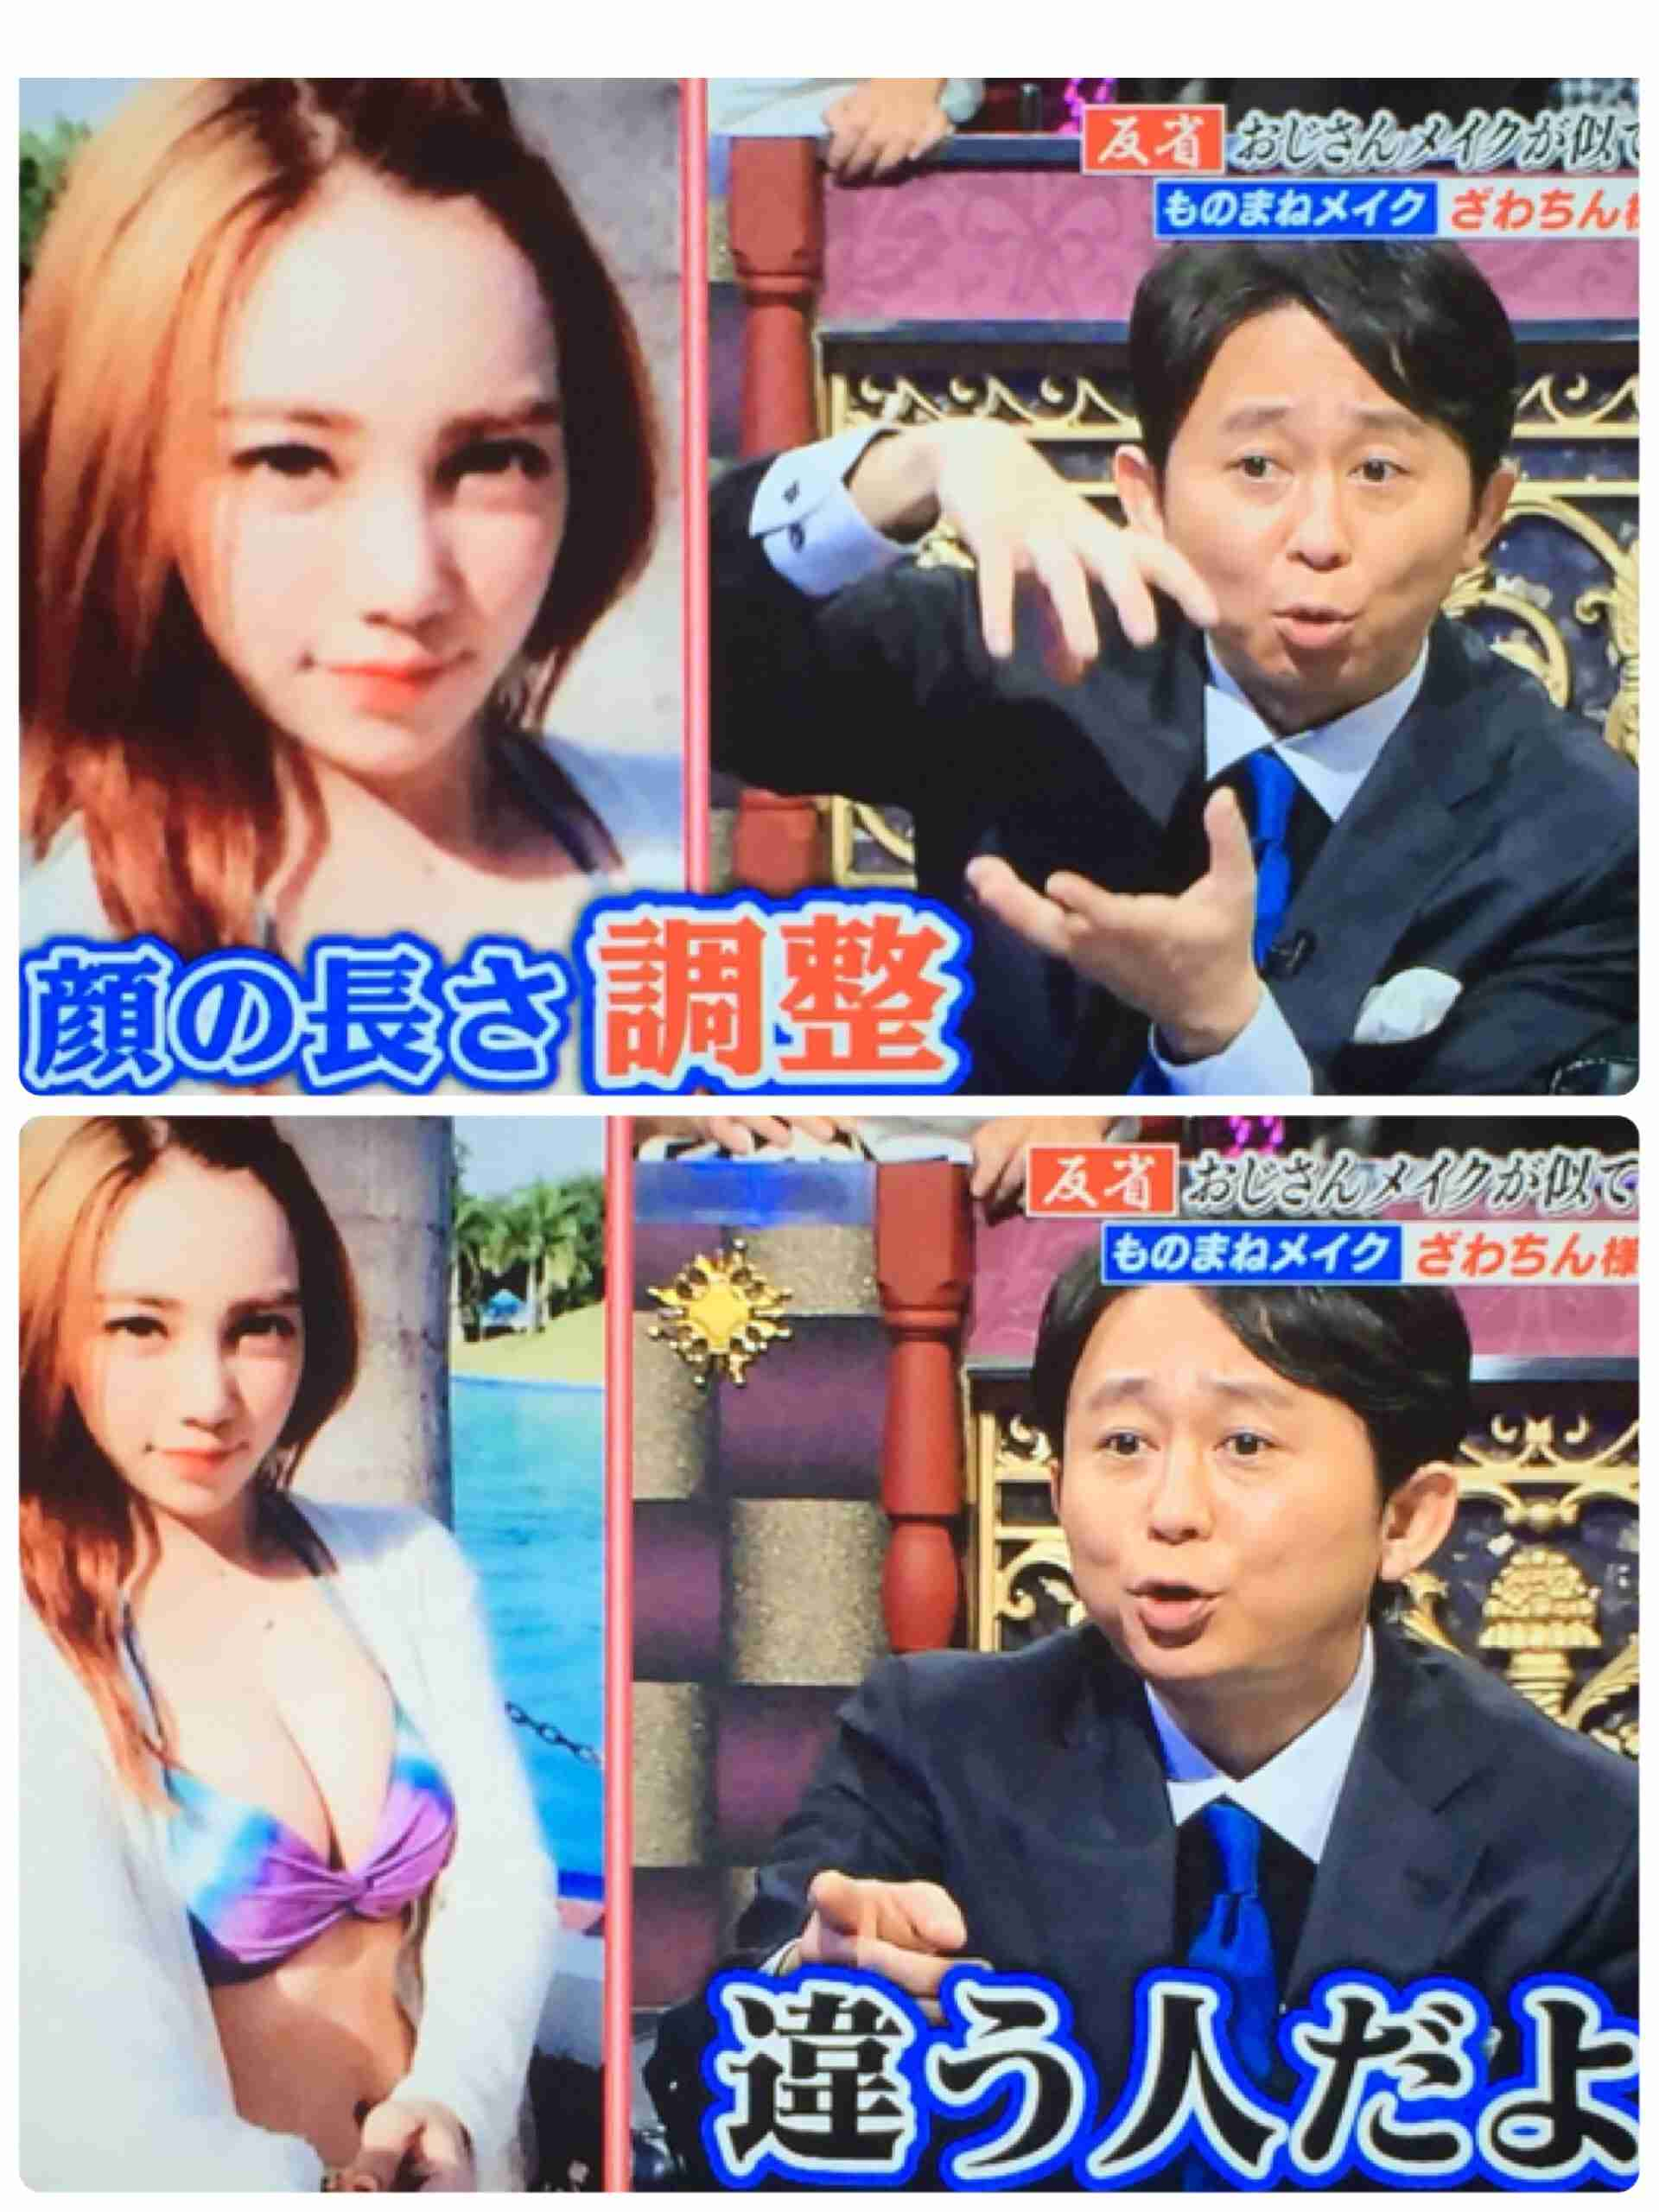 有吉弘行がざわちんの歌手活動に断言「絶対売れねぇ!」